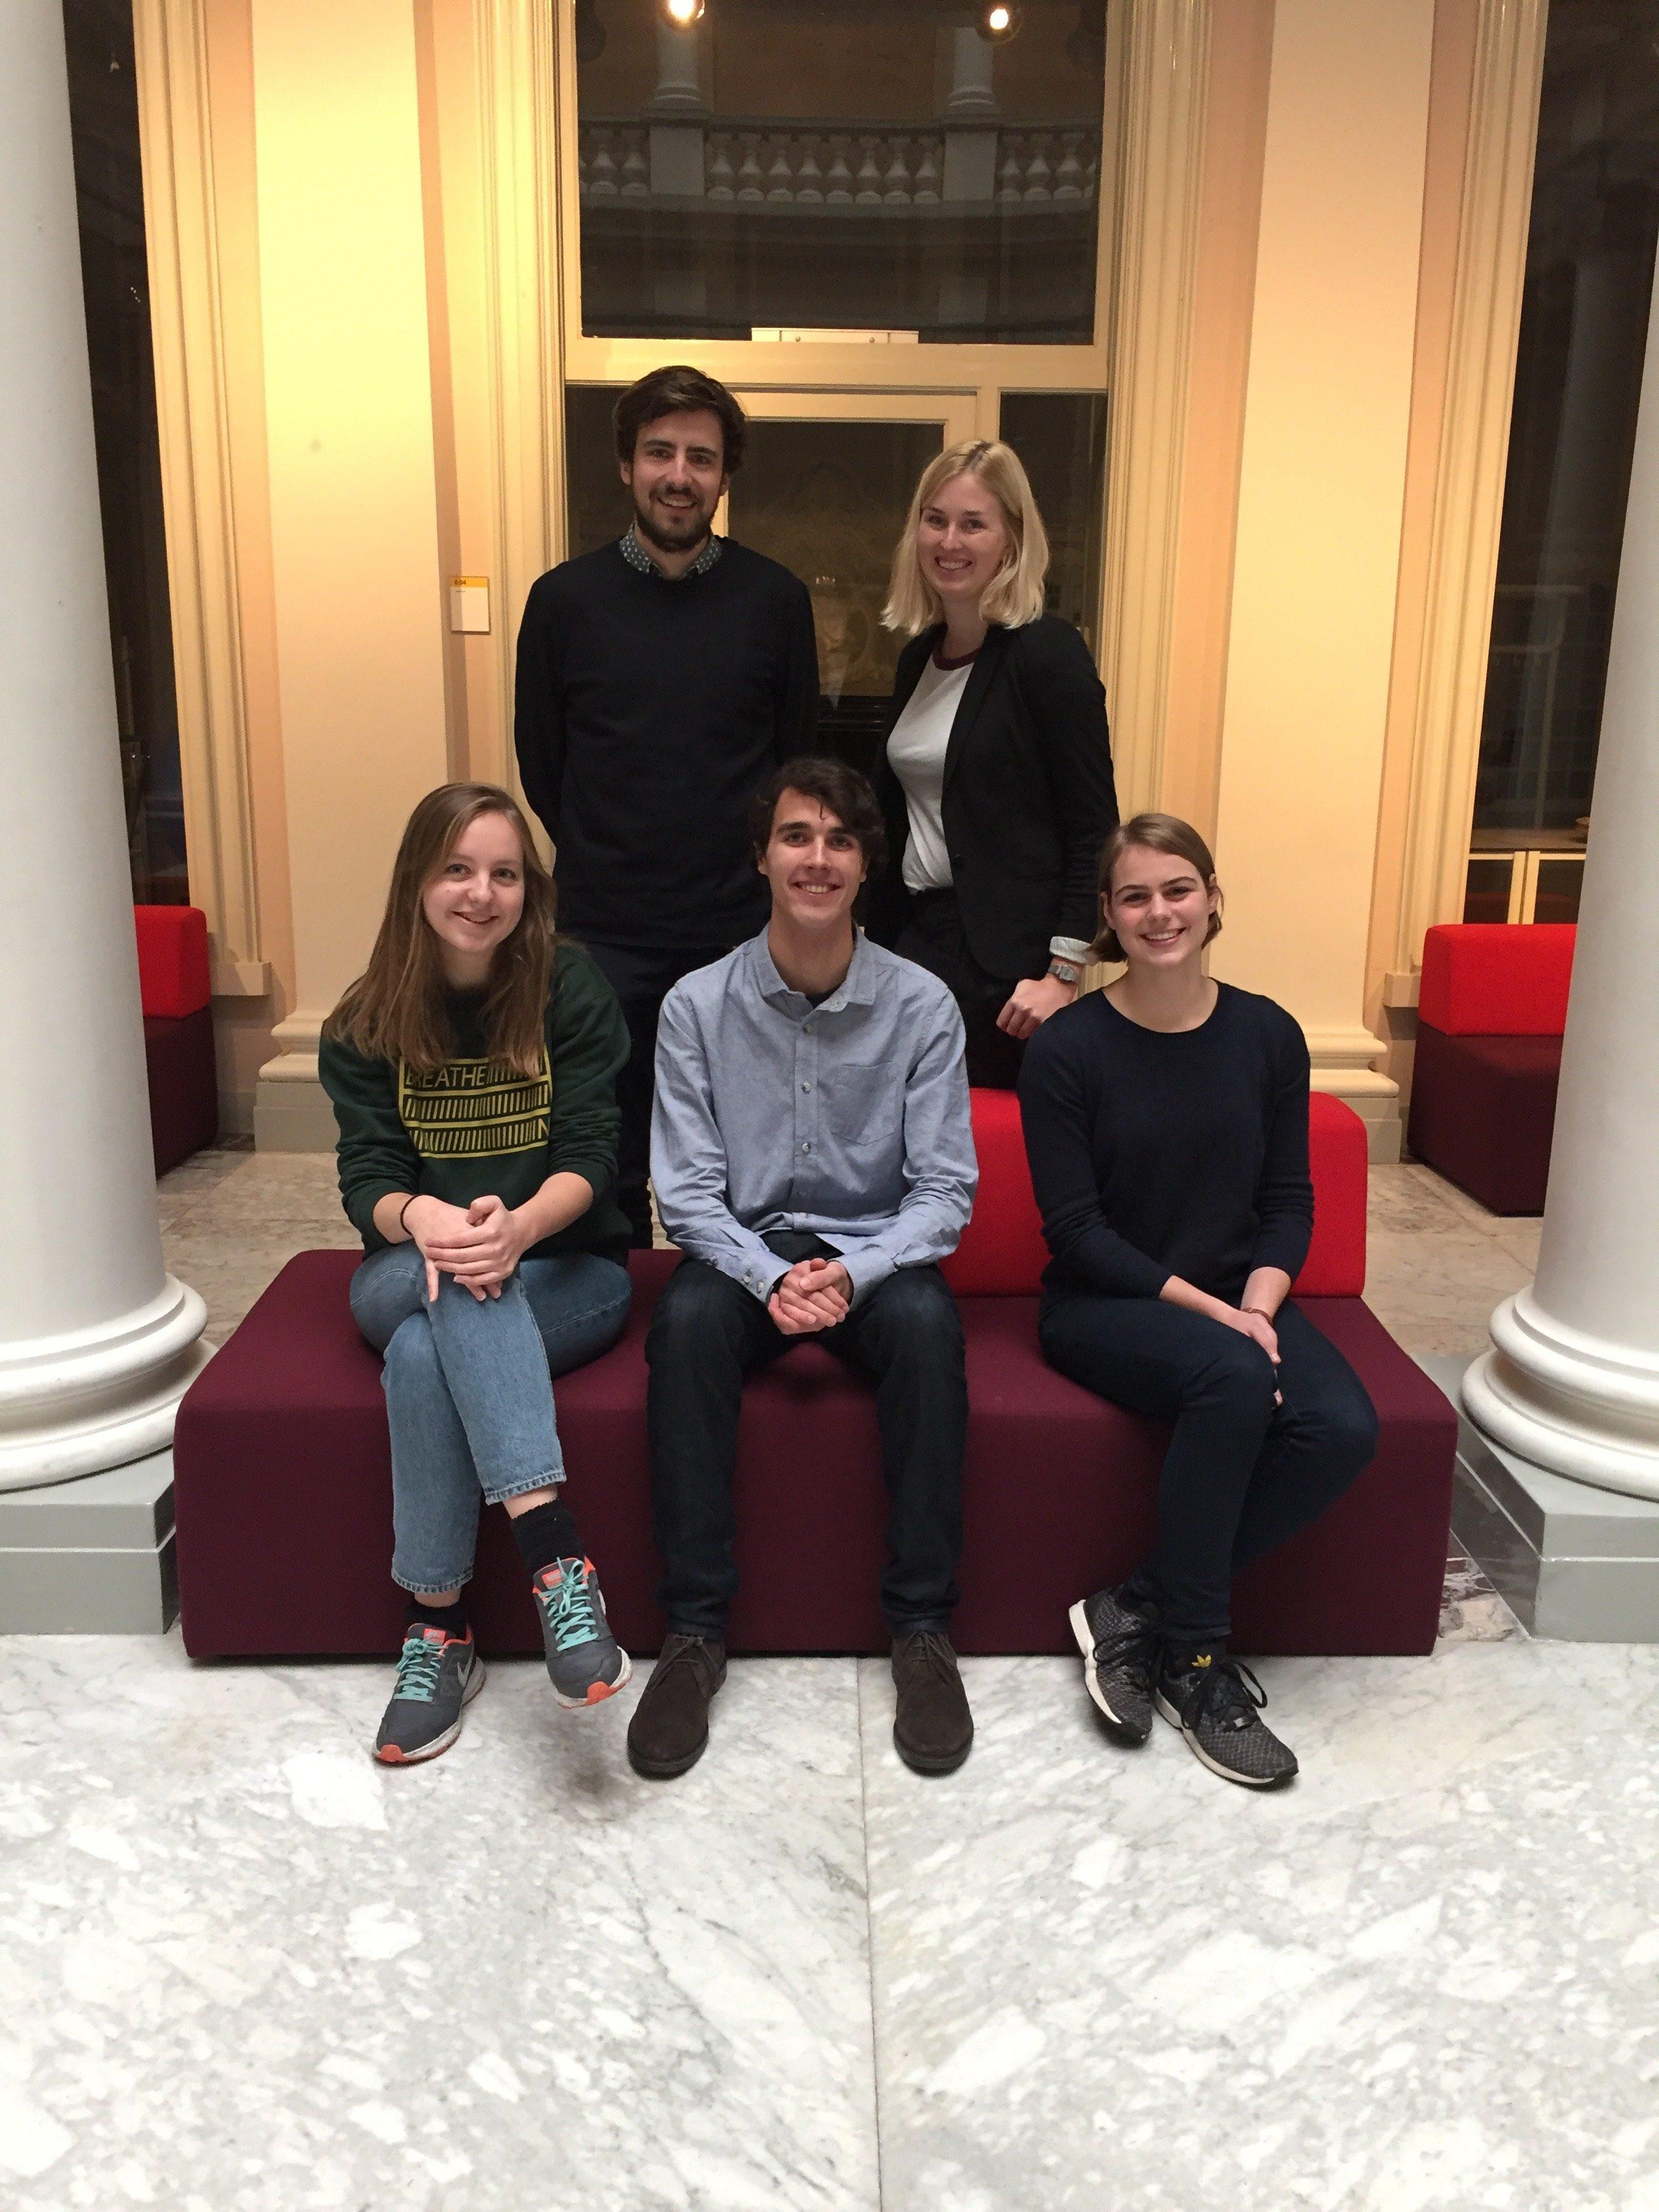 Boven: Idwer, Renée Onder: Annette, Niels en Charlotte